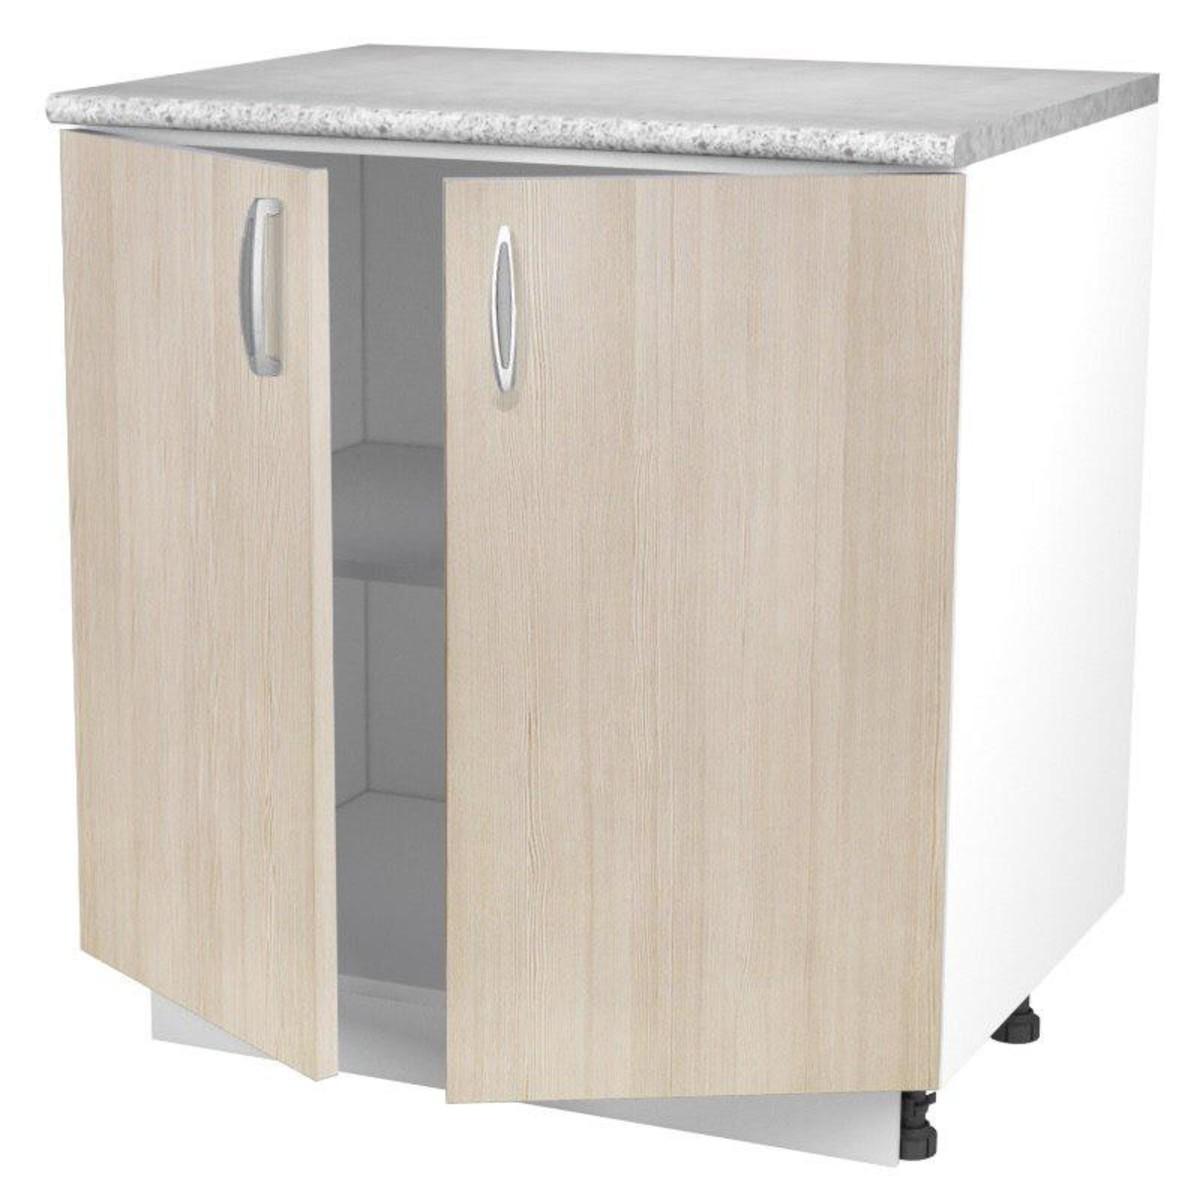 Шкаф напольный Сосна Карелия 80 см